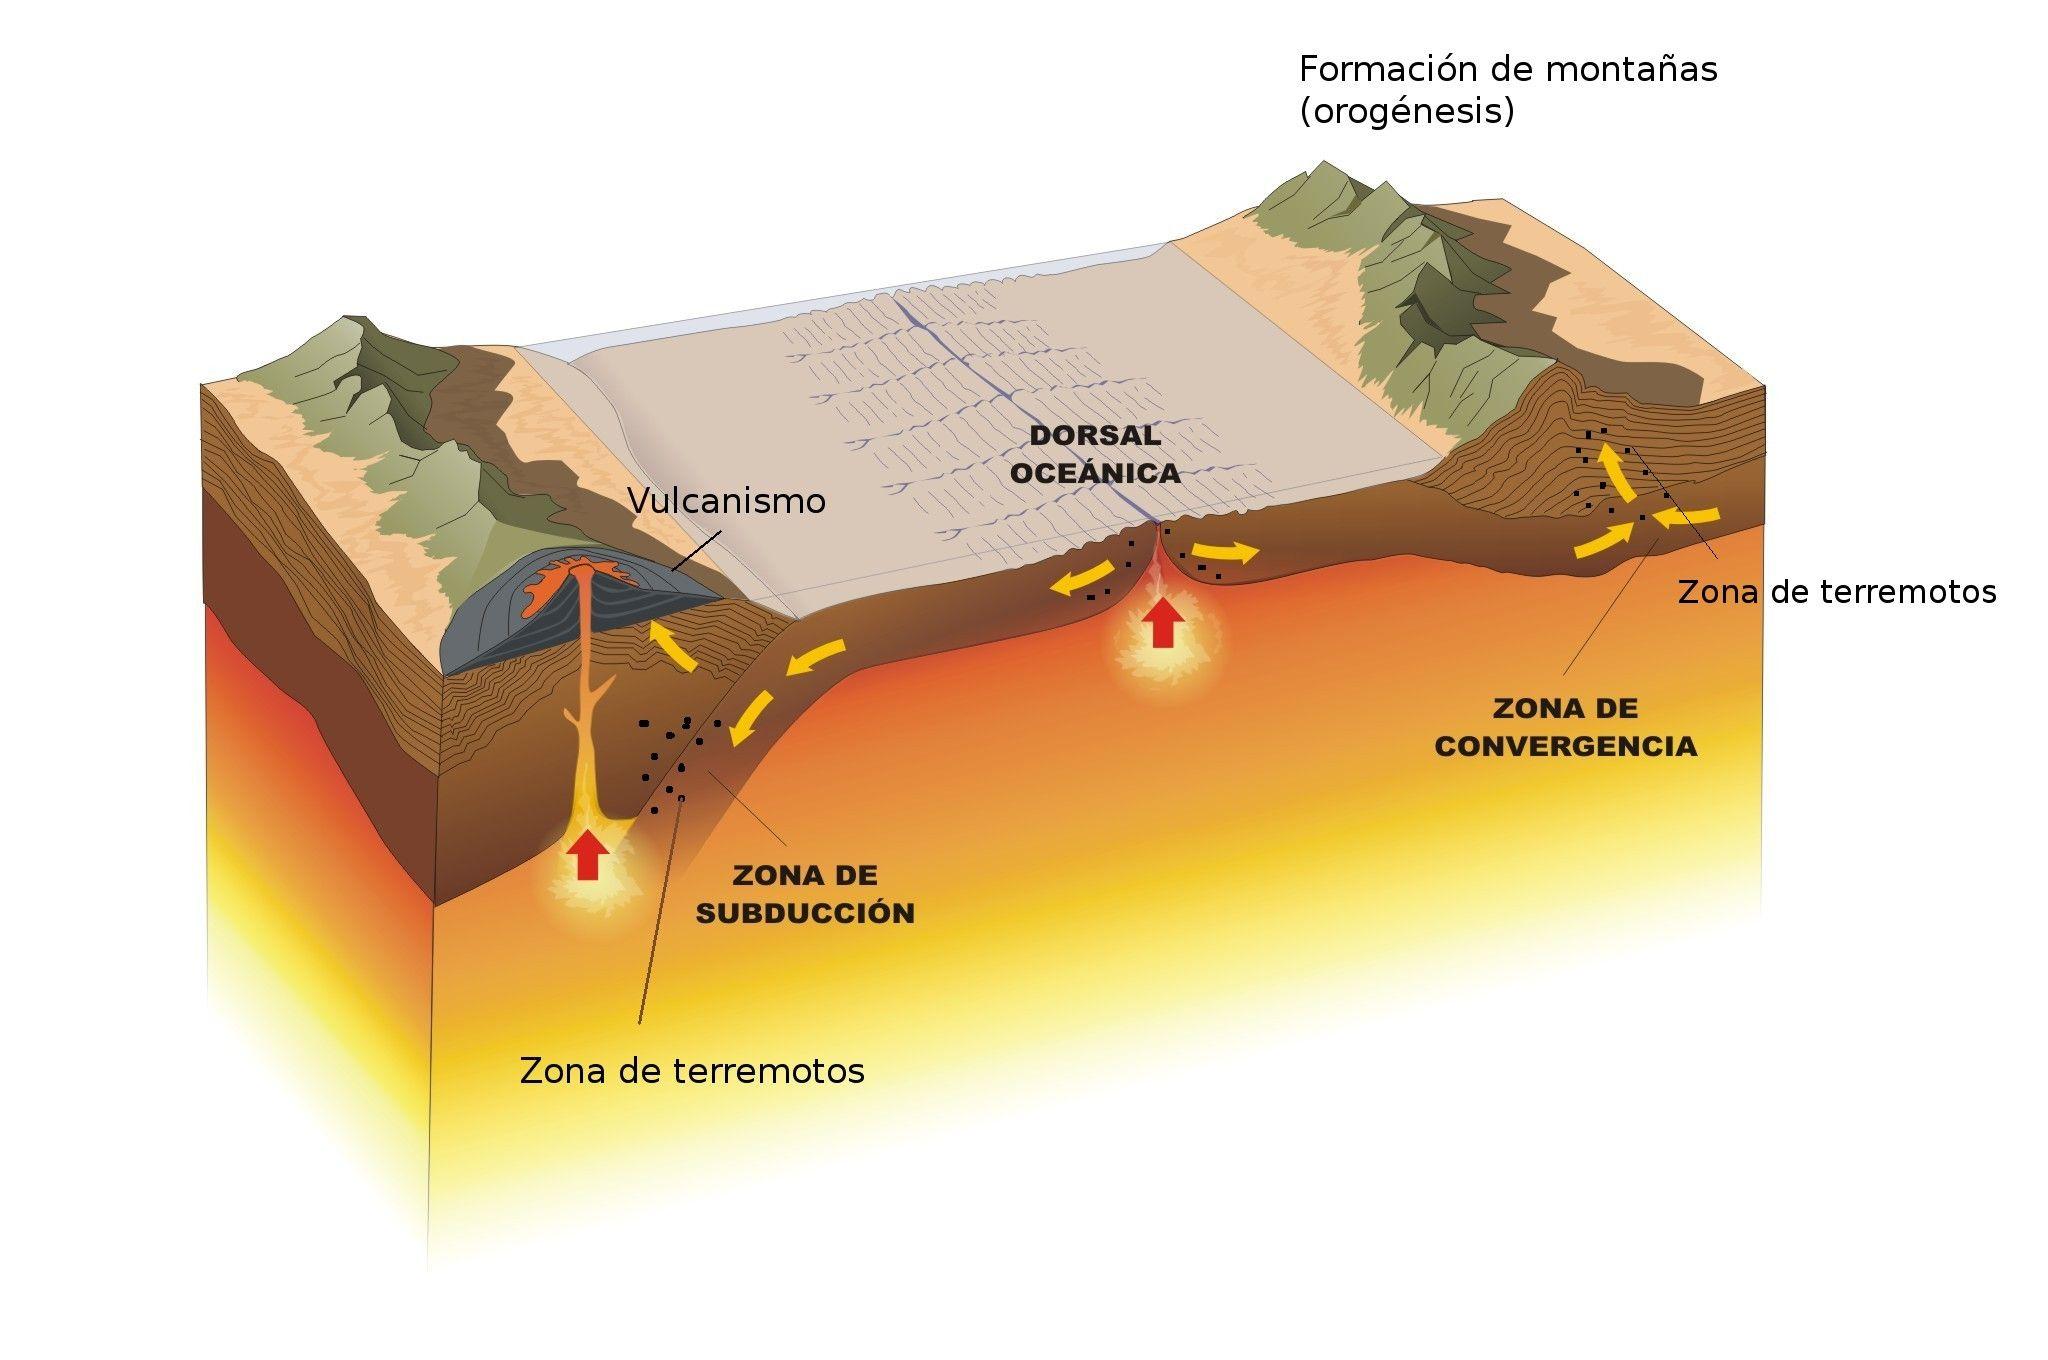 Formaci n de monta as geograf a pinterest formacion for Formacion de la roca